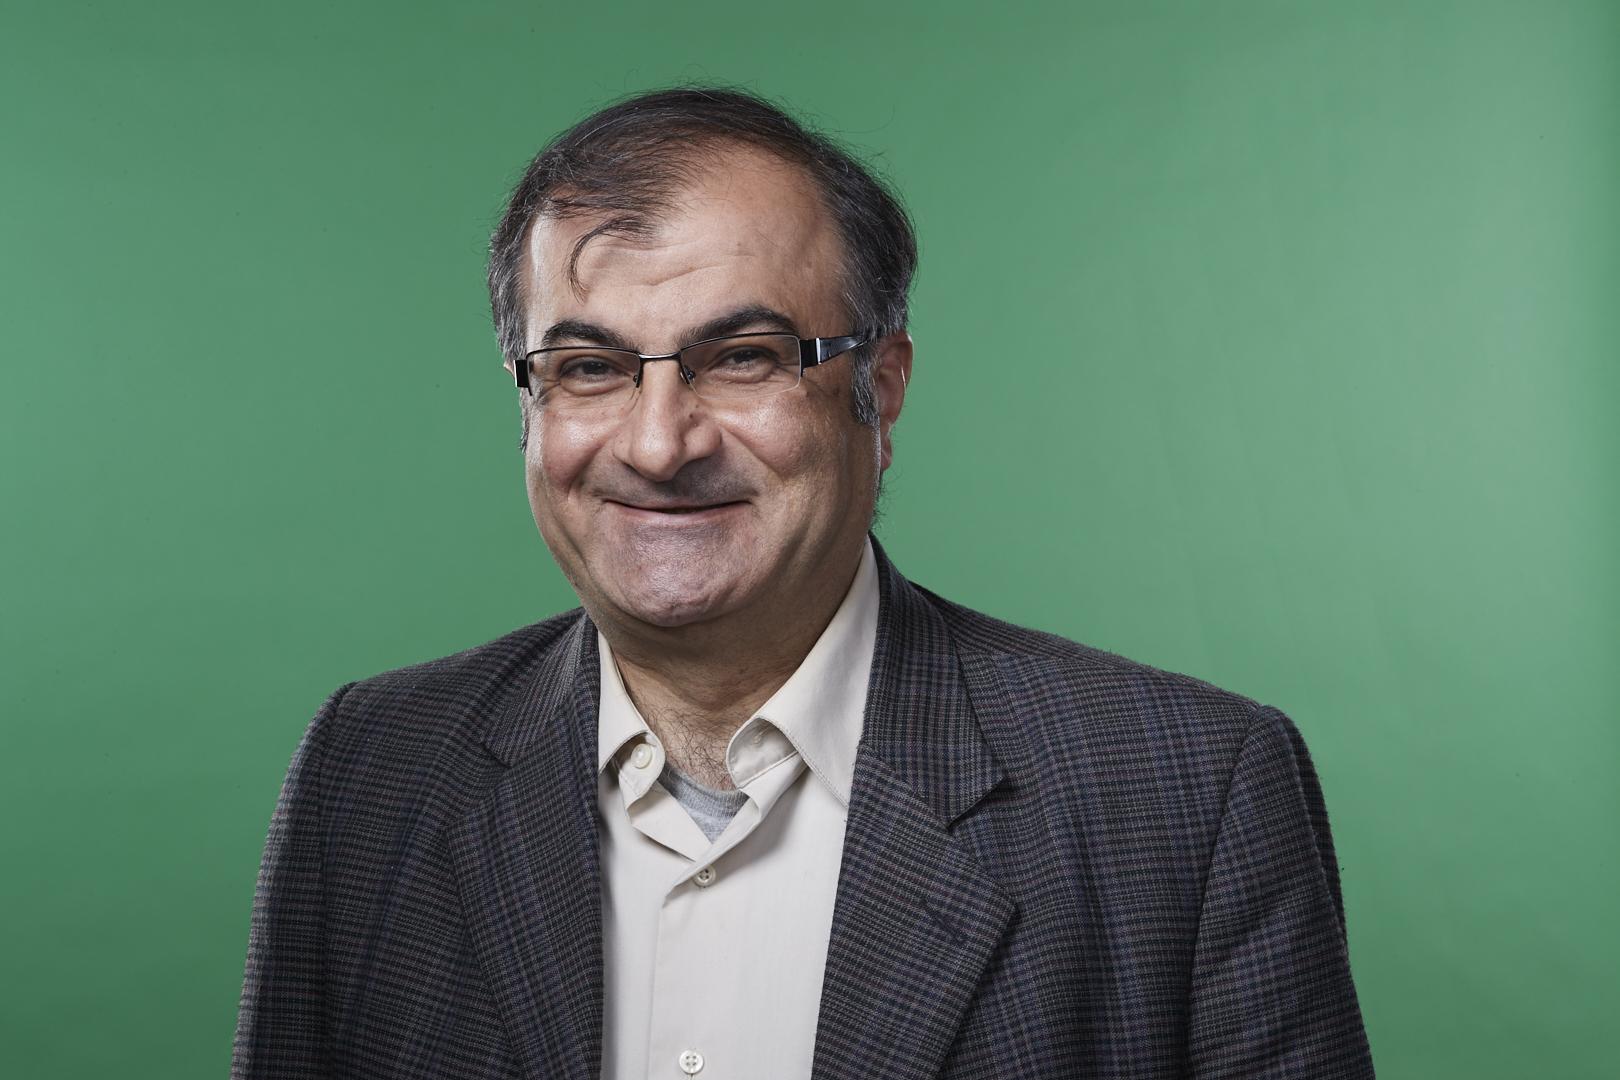 Amin Karimpour